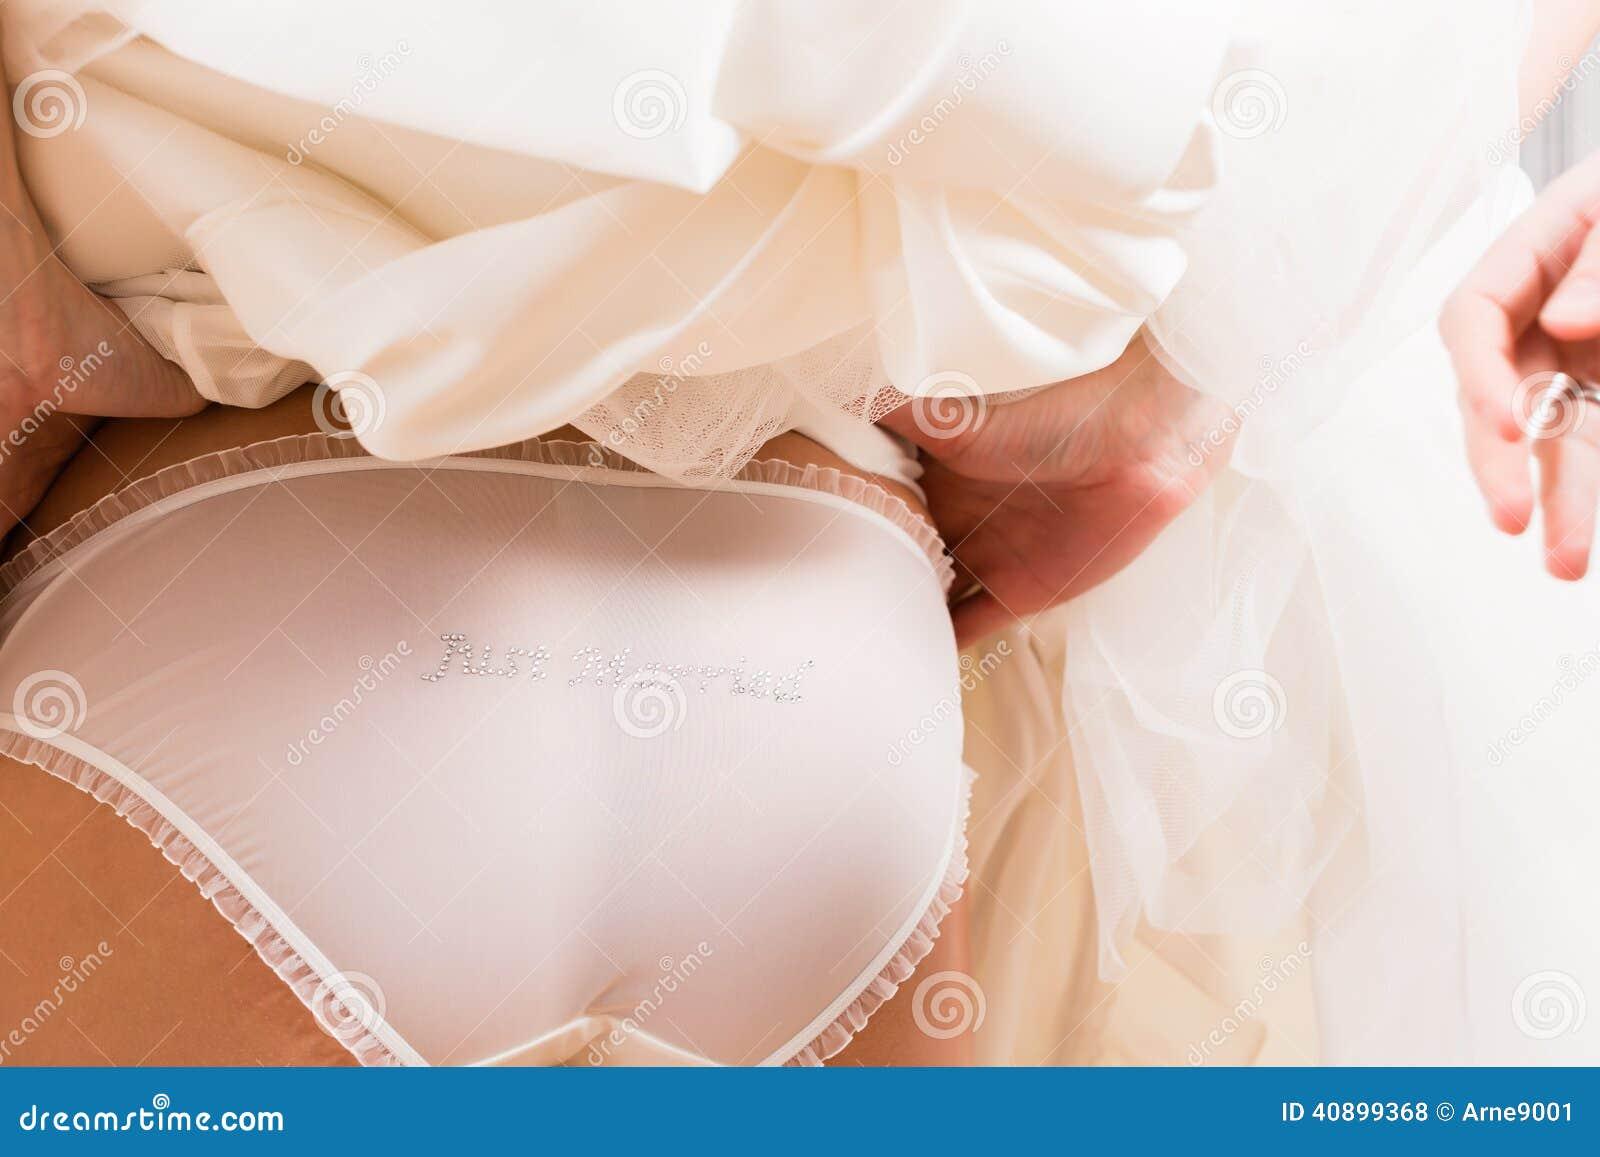 Mature Women Showing Panties 103